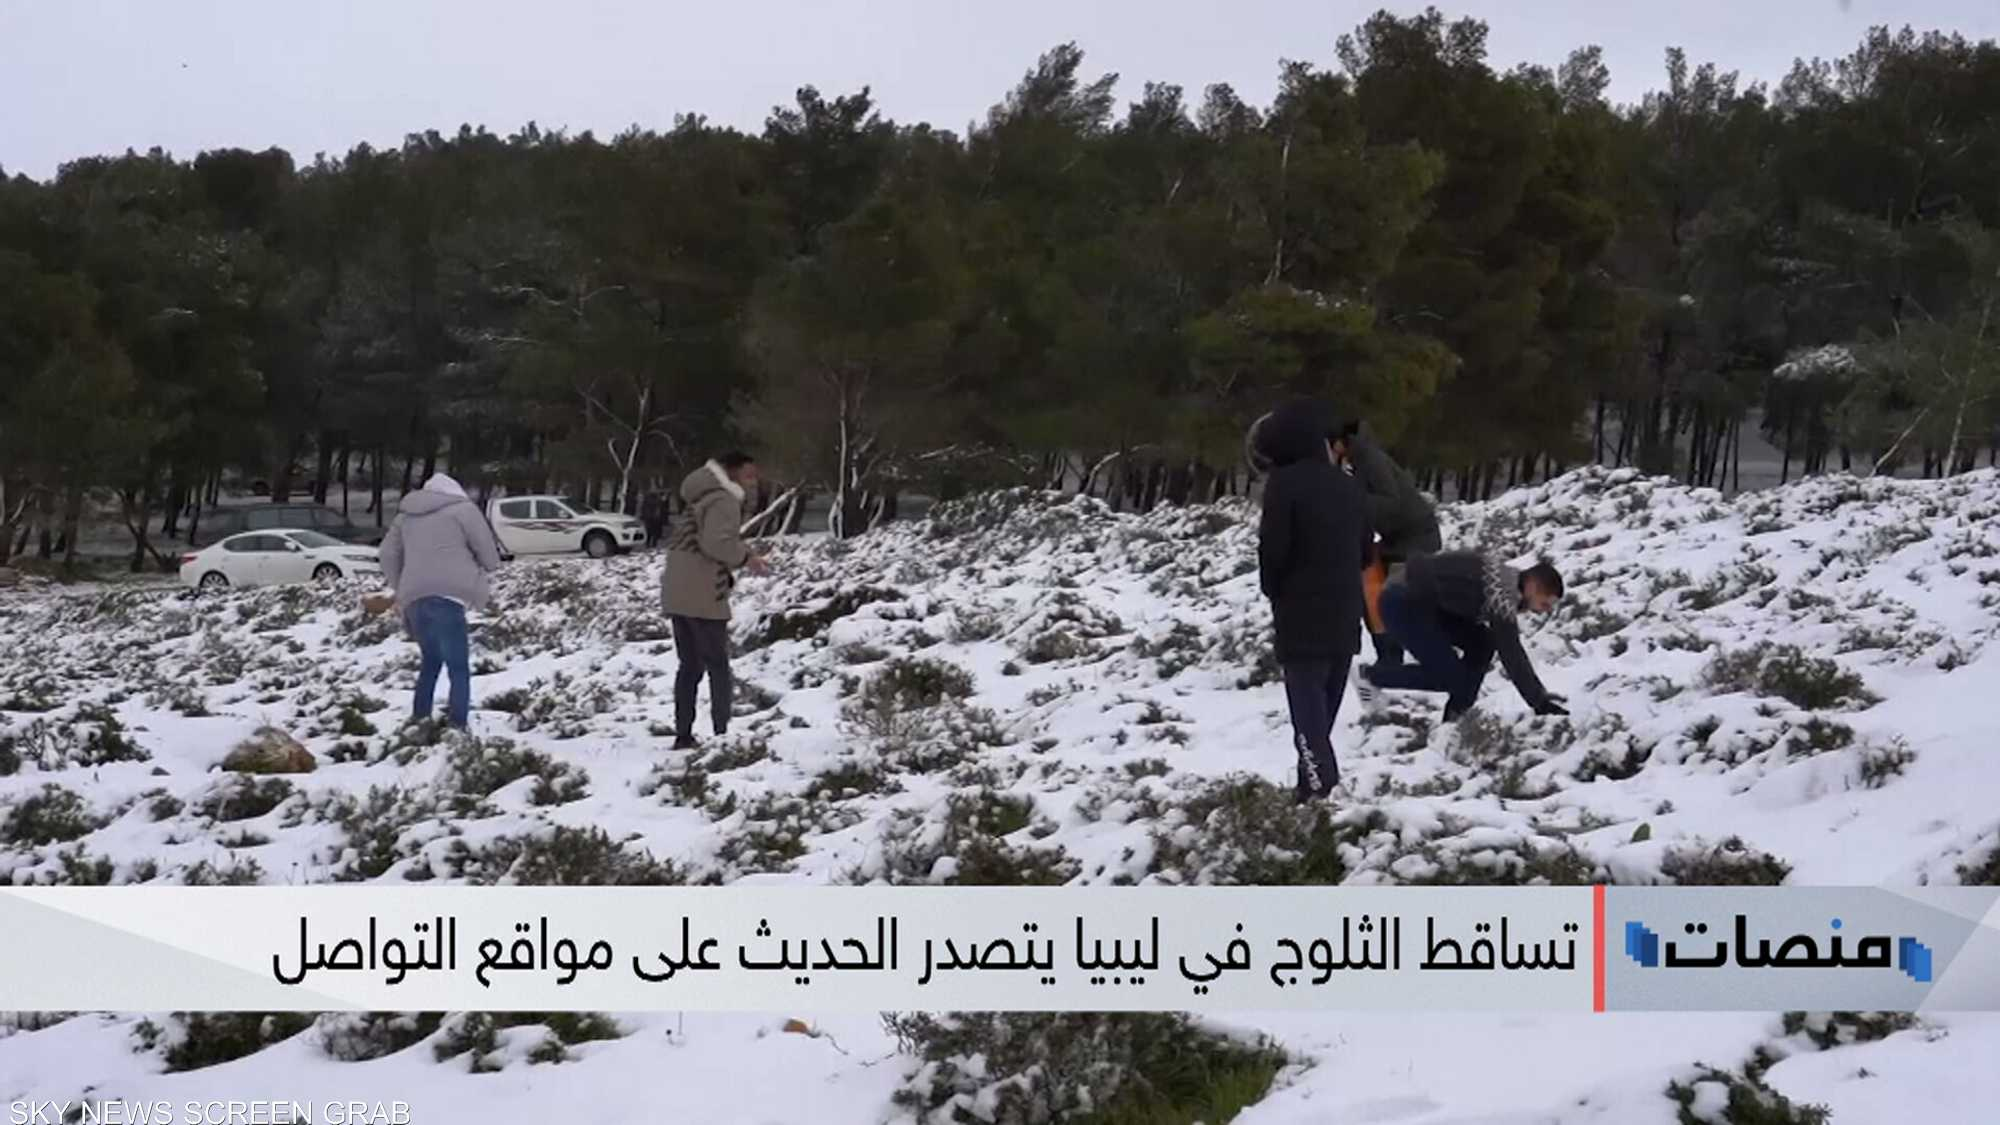 تساقط الثلوج في ليبيا يتصدر الحديث على مواقع التواصل